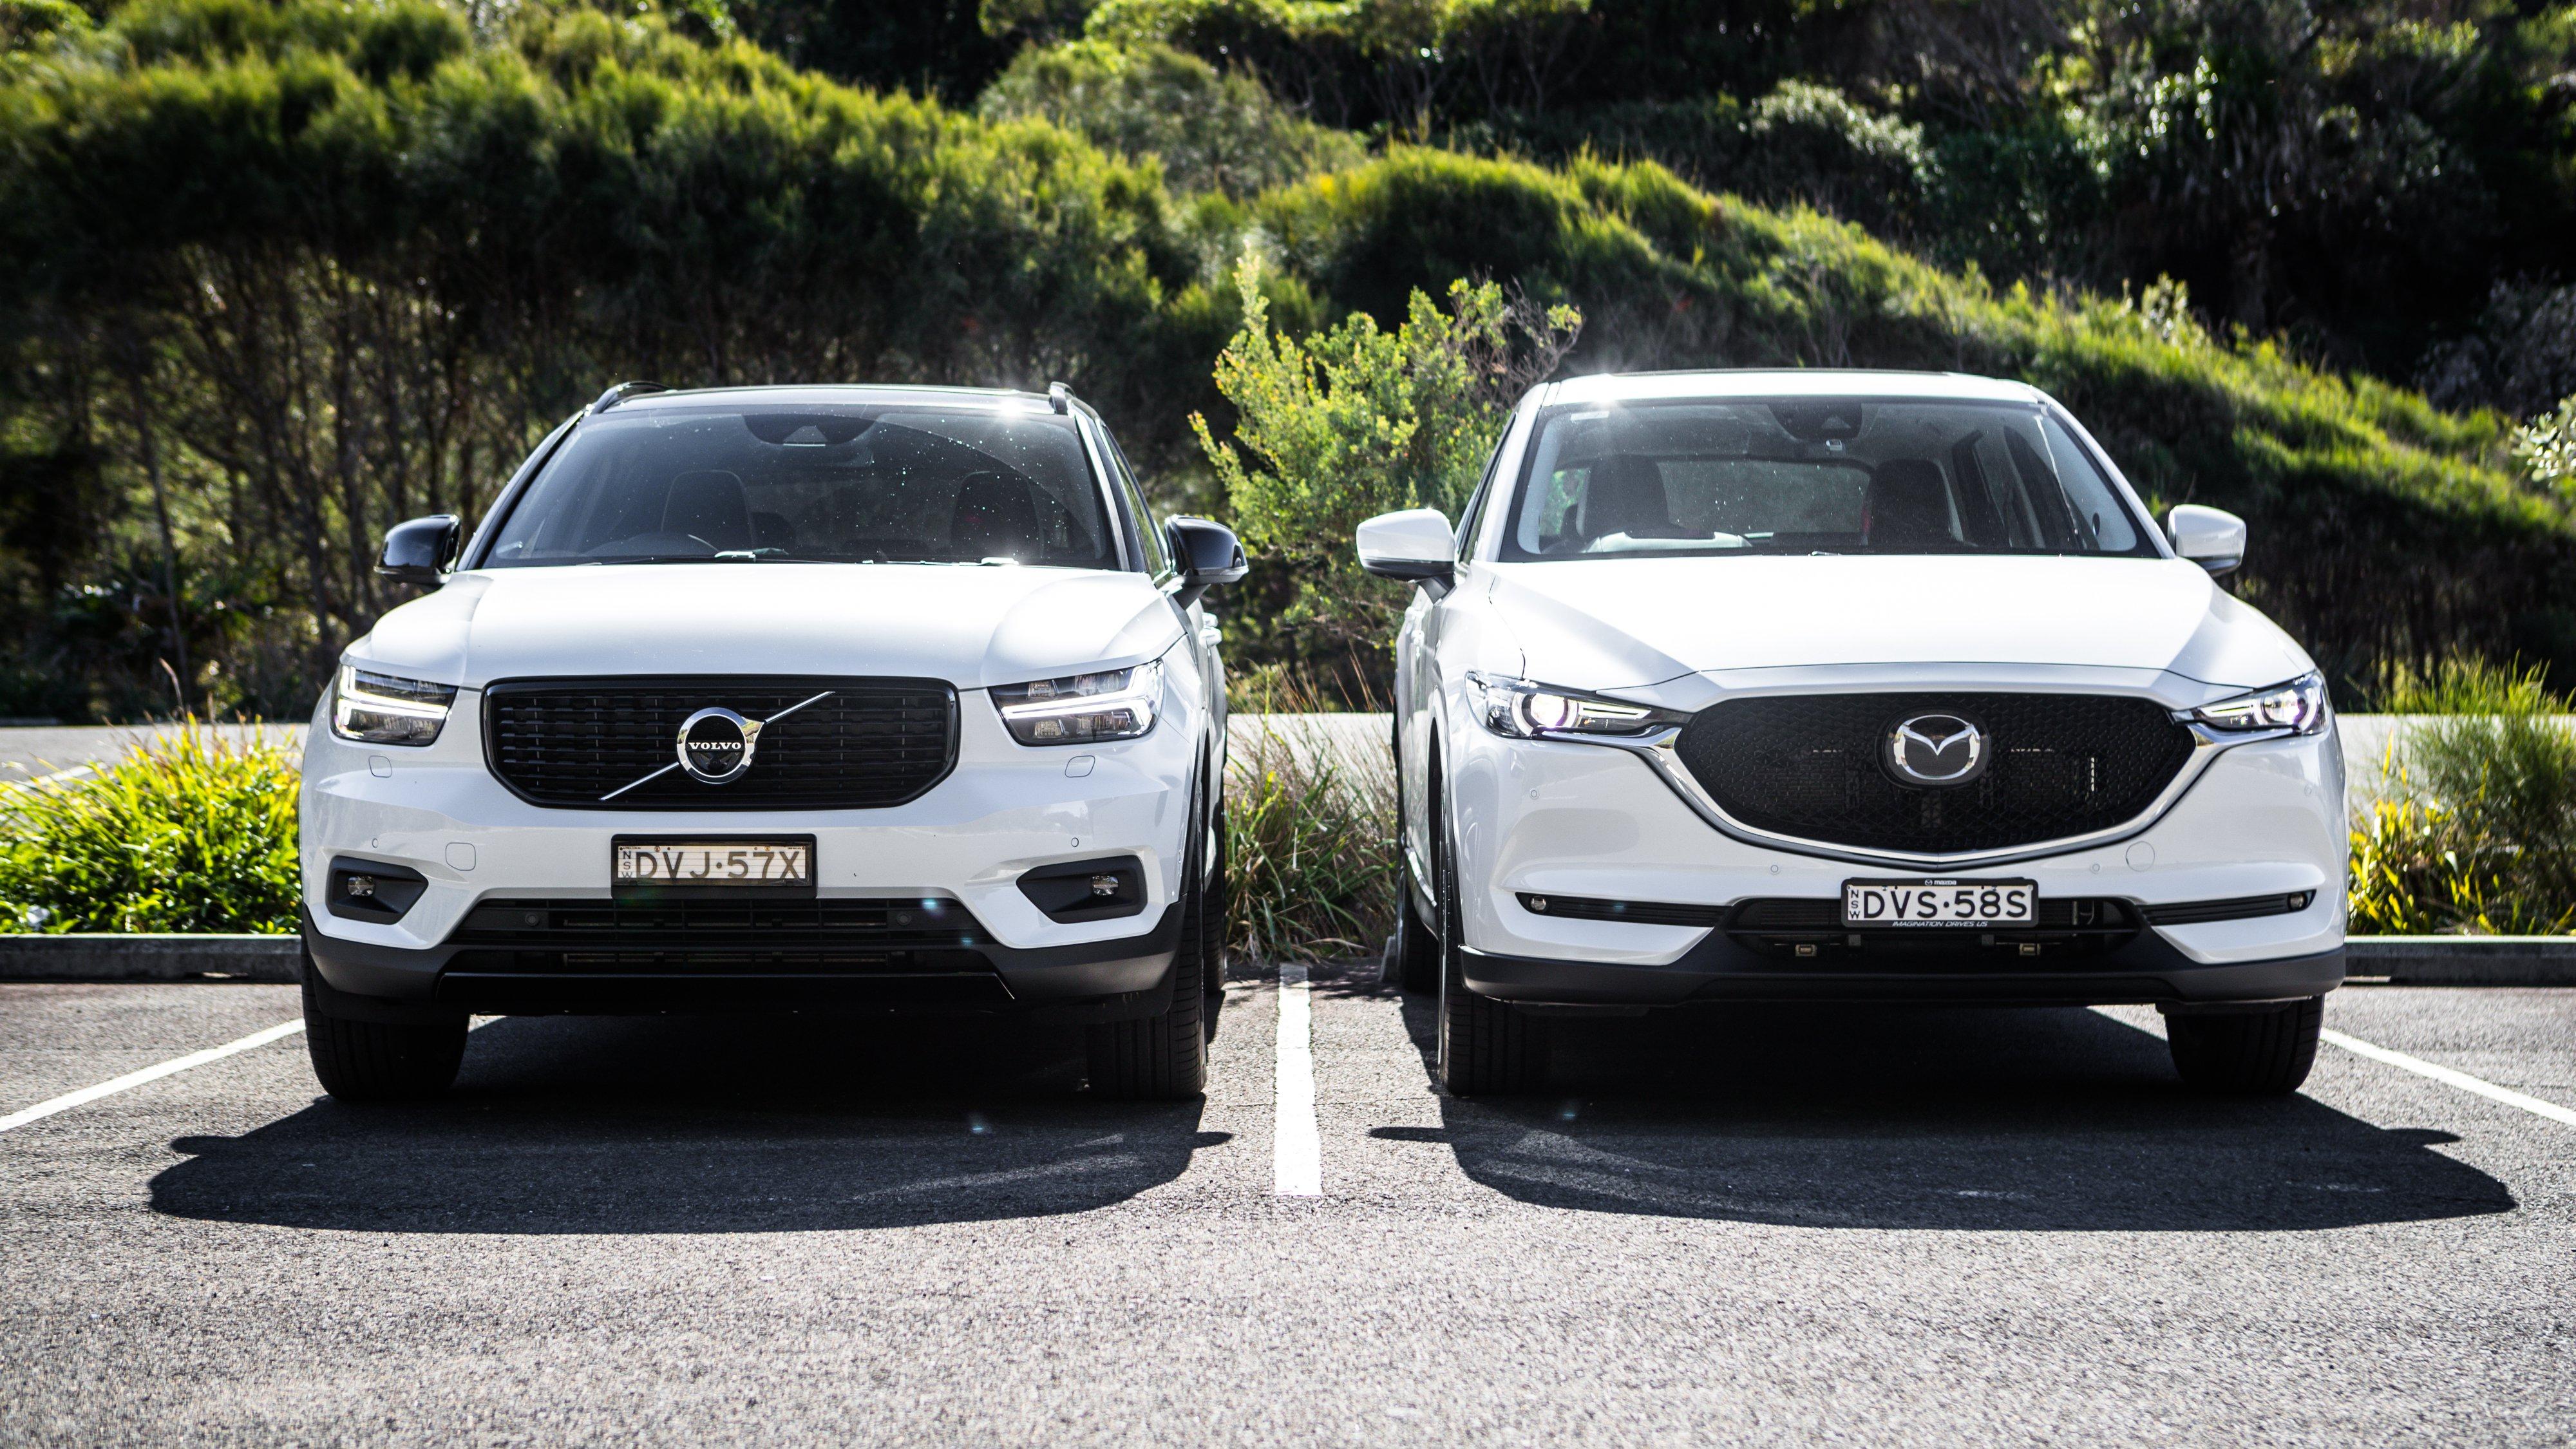 2018 Mazda Cx 5 V Volvo Xc40 Comparison Caradvice